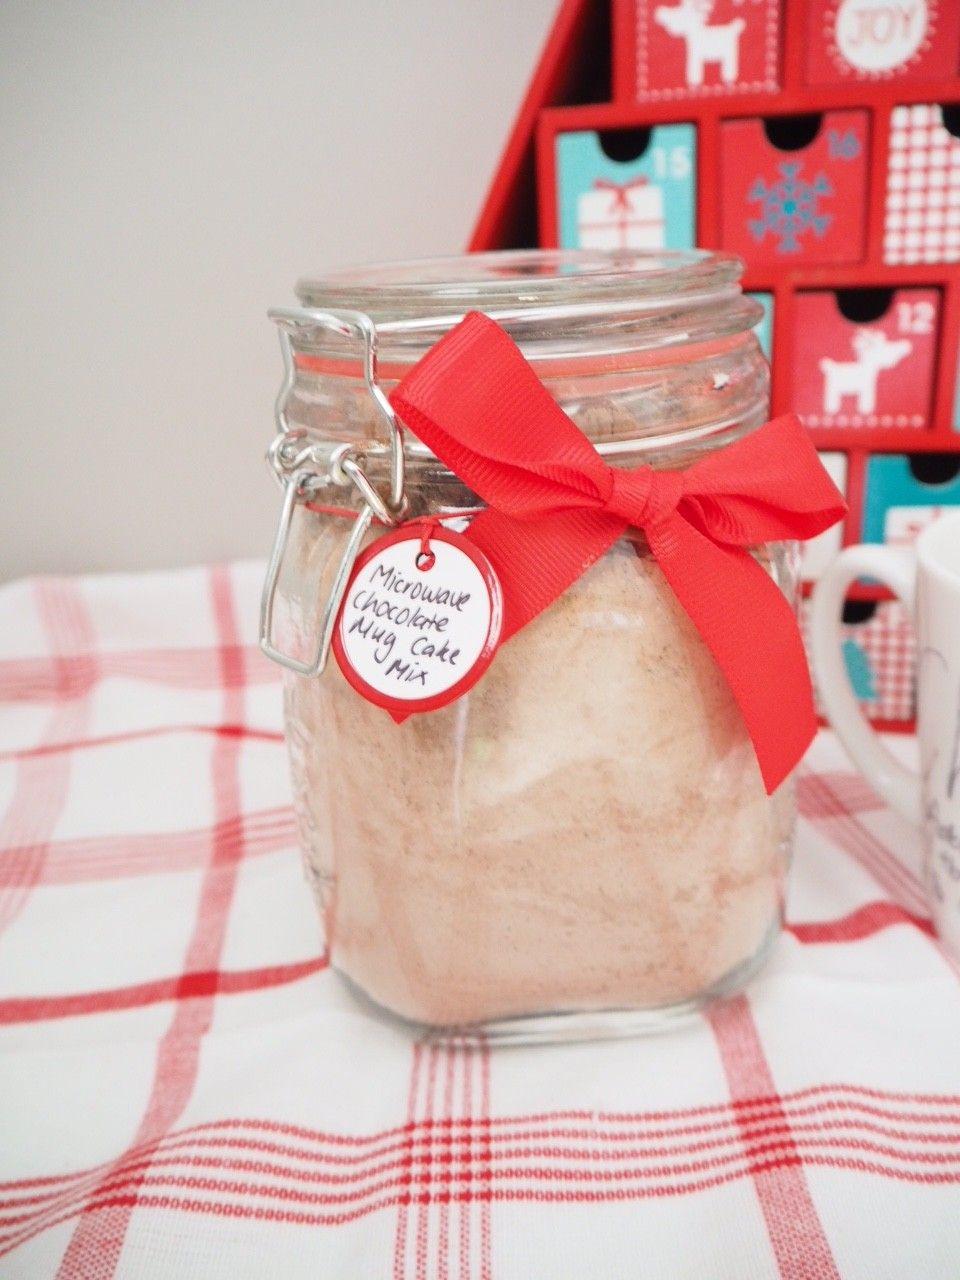 Homemade Gift - Chocolate Mug Cake Mix | Mug cake